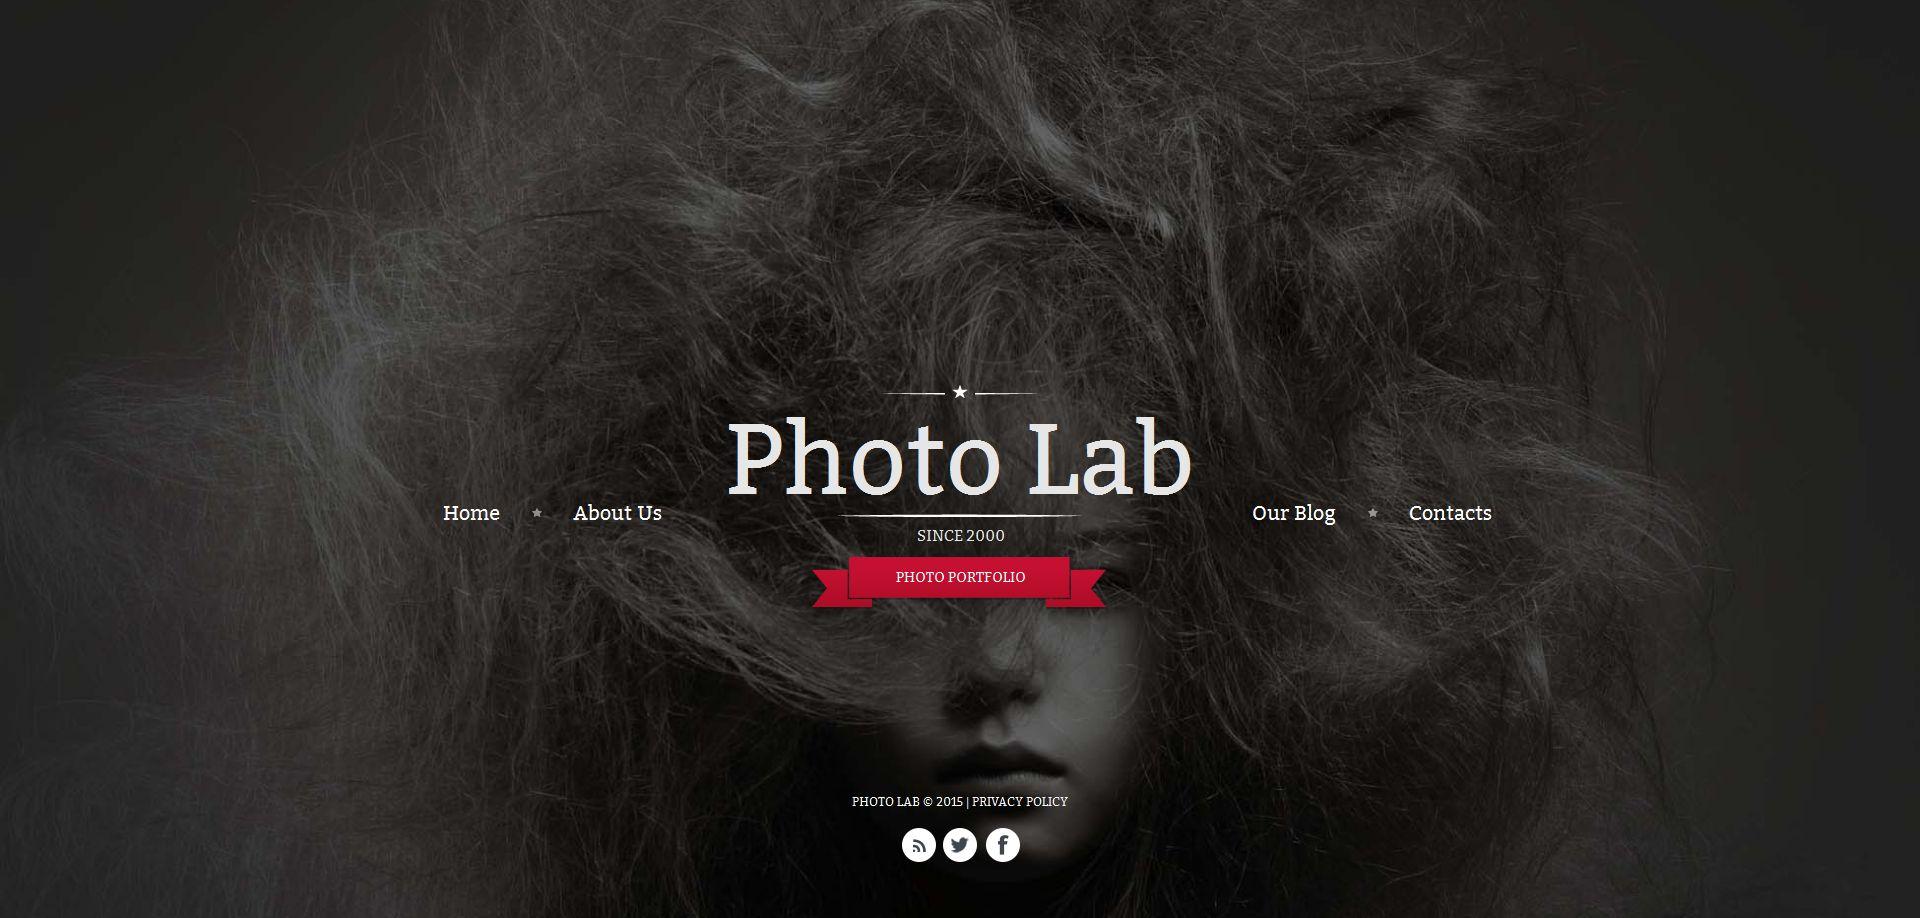 Template de Galeria de Fotos para Sites de Portfólio de Fotografo №54924